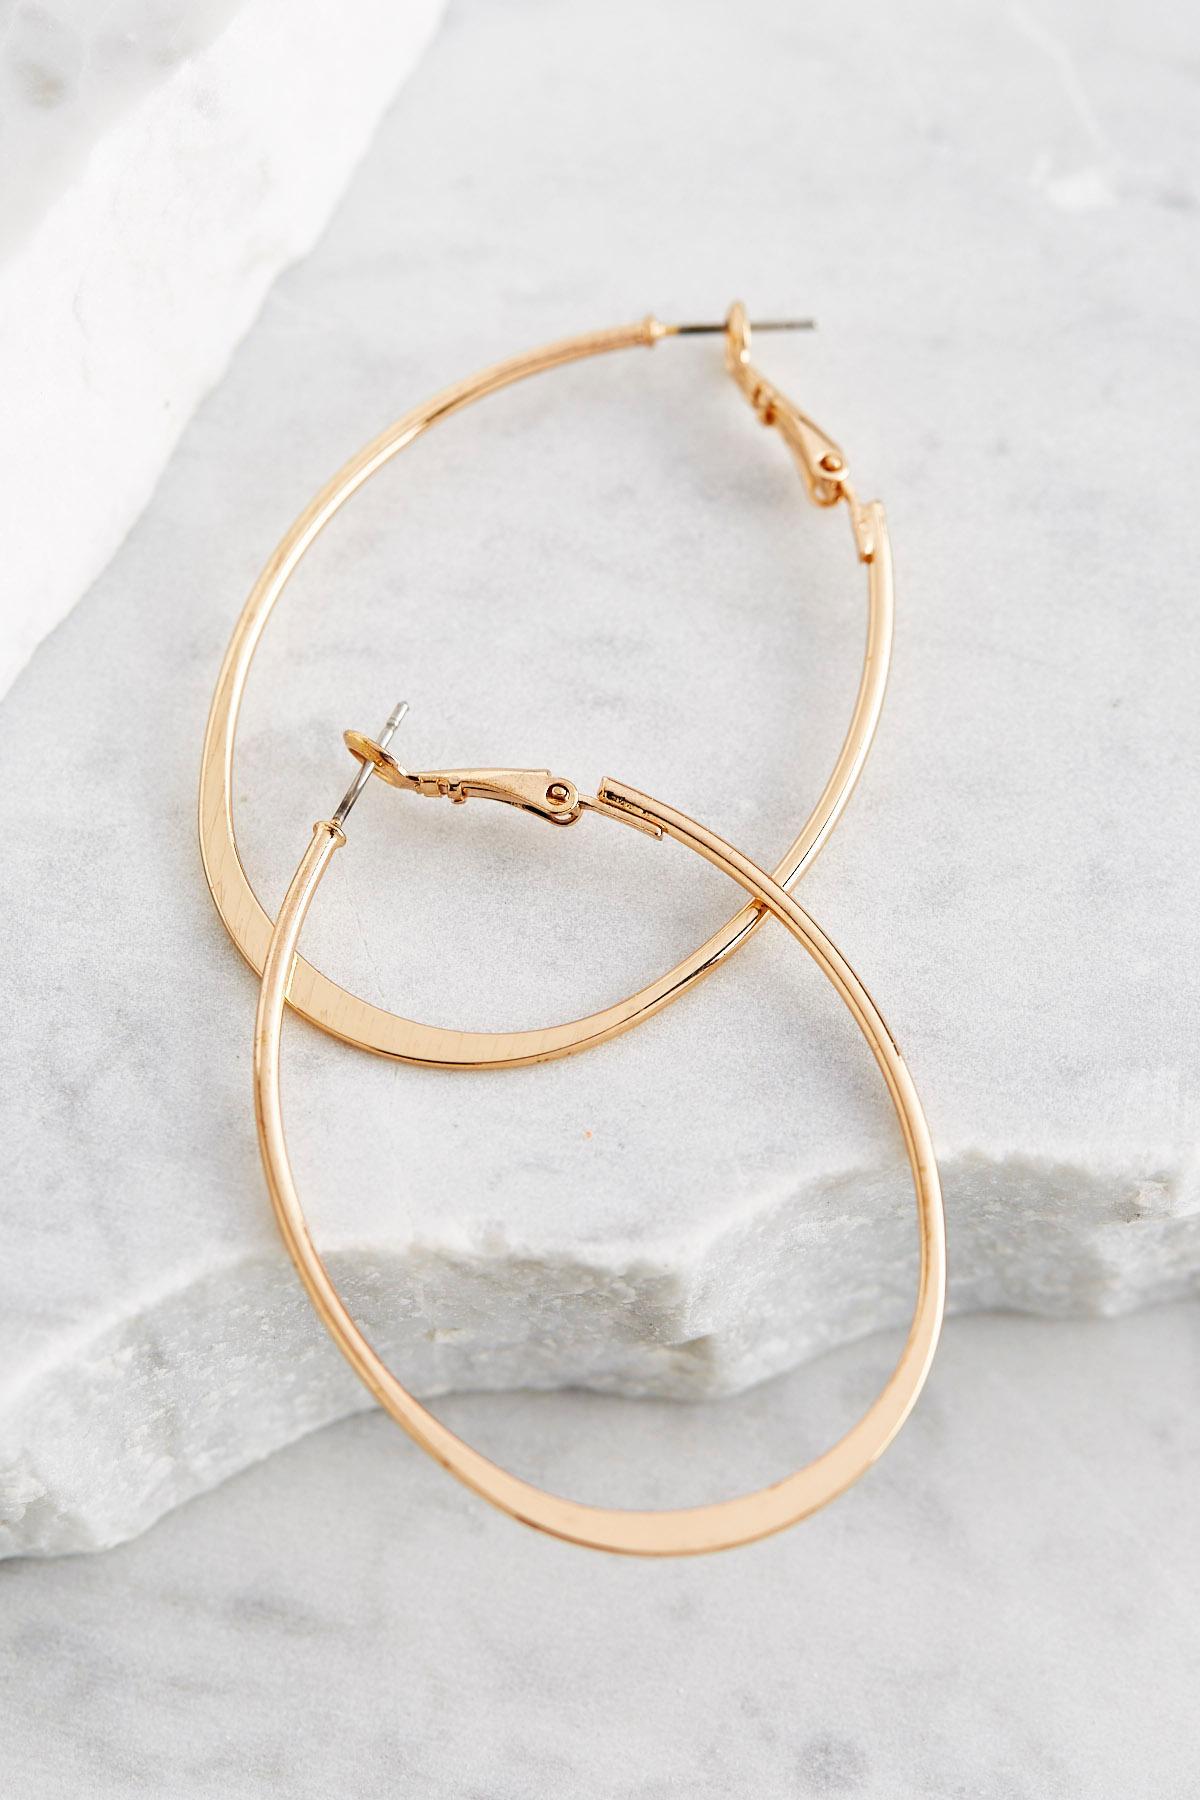 Brass Flat Bottom Oval Hoop Earrings